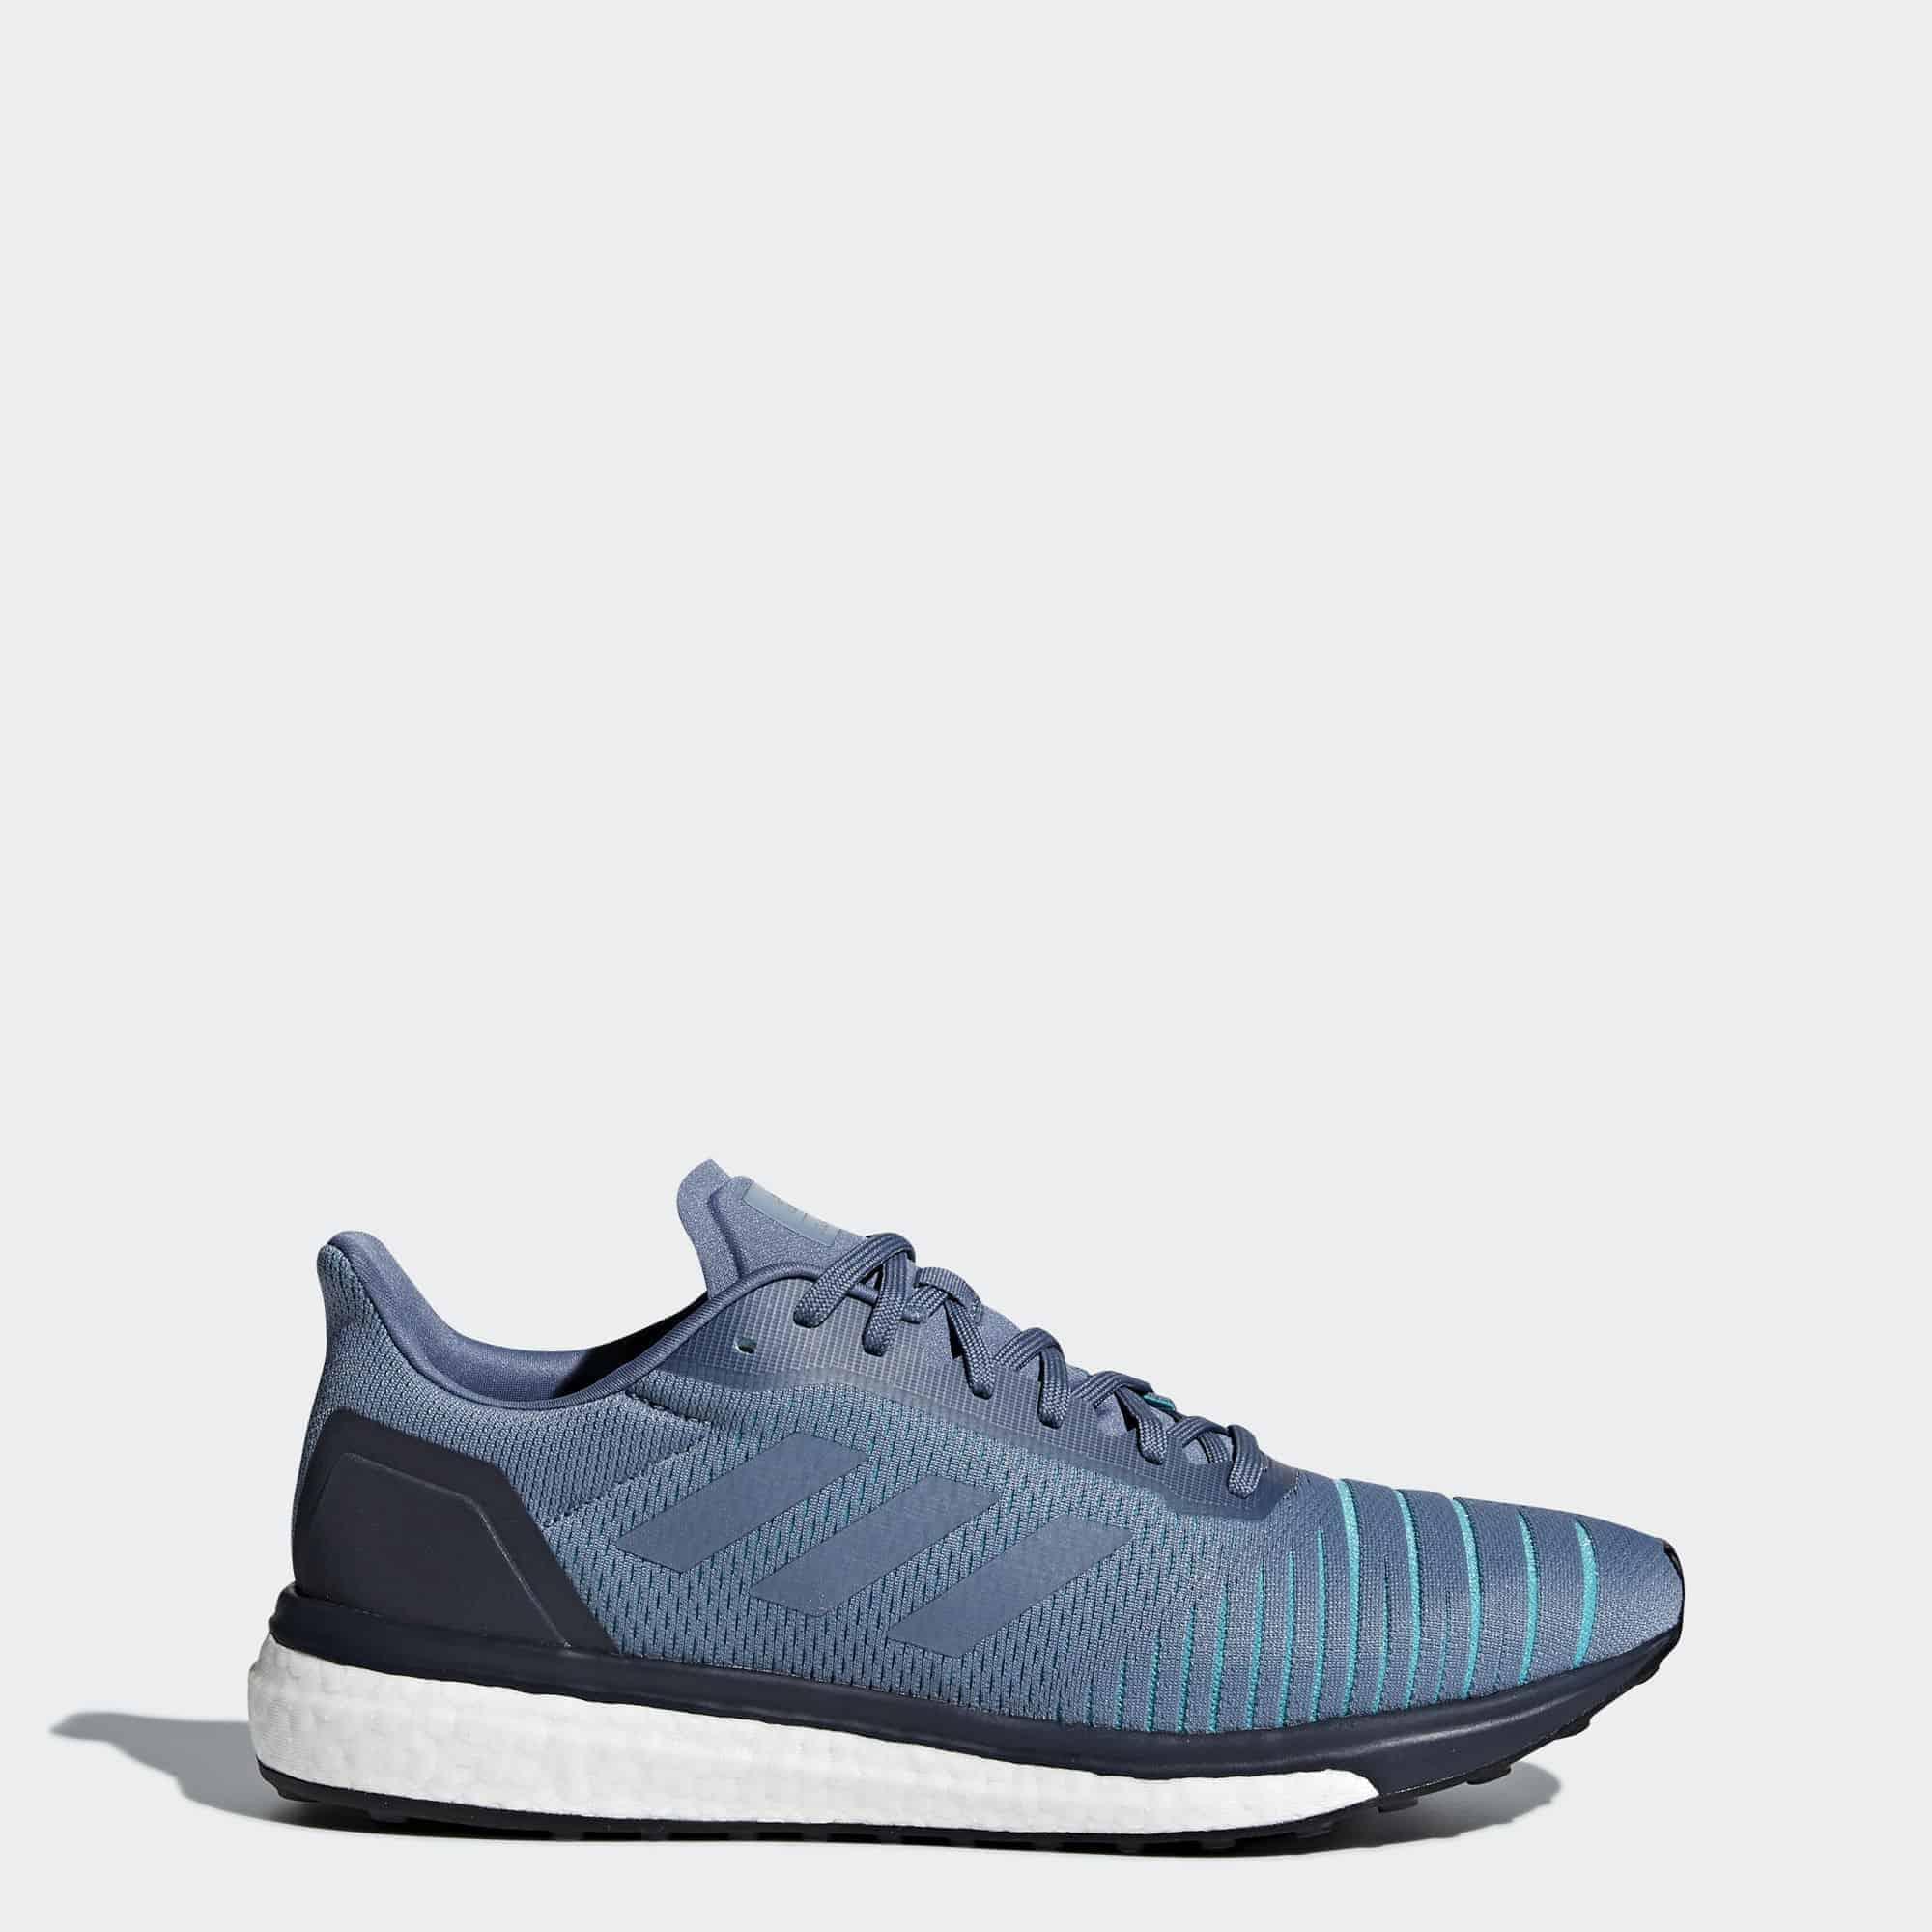 Кроссовки для бега Adidas Solar Drive мужские